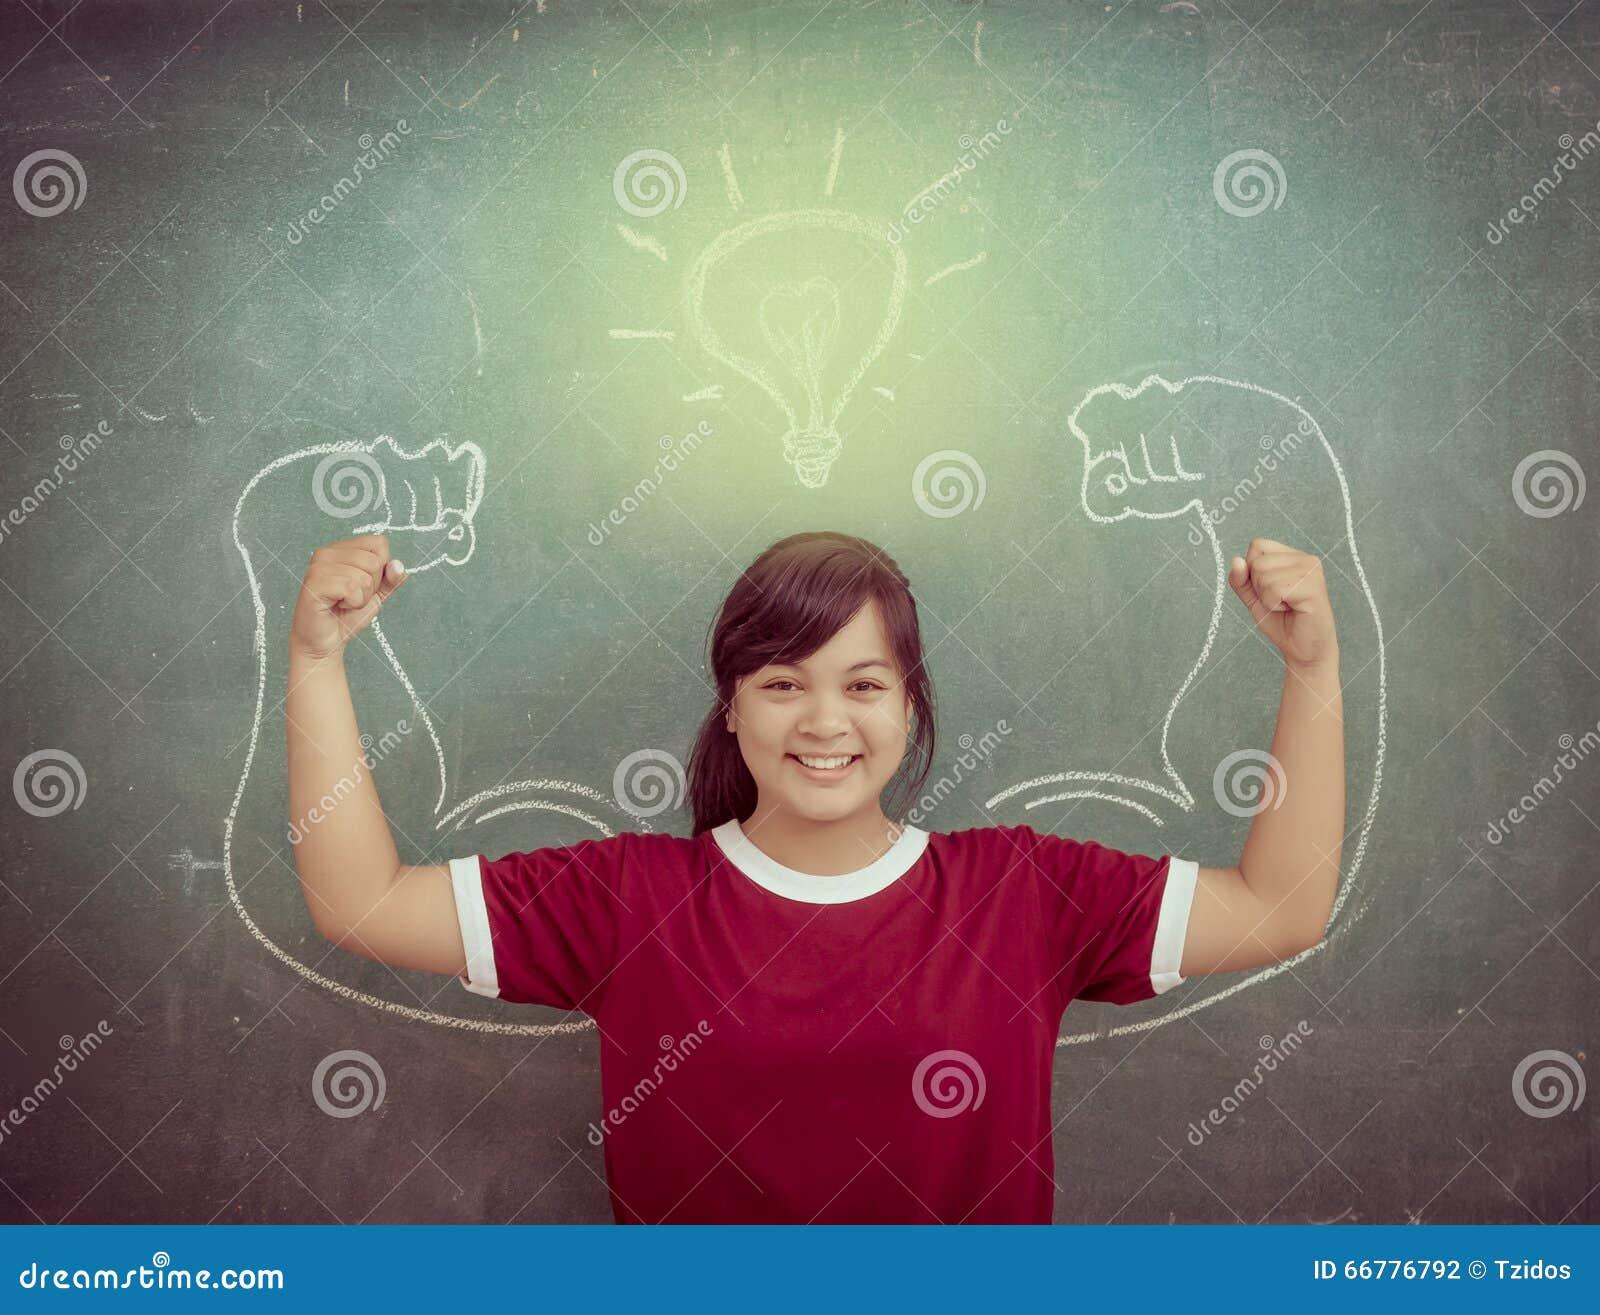 Enfants forts asiatiques contre le tableau noir dans la salle de classe, éducation